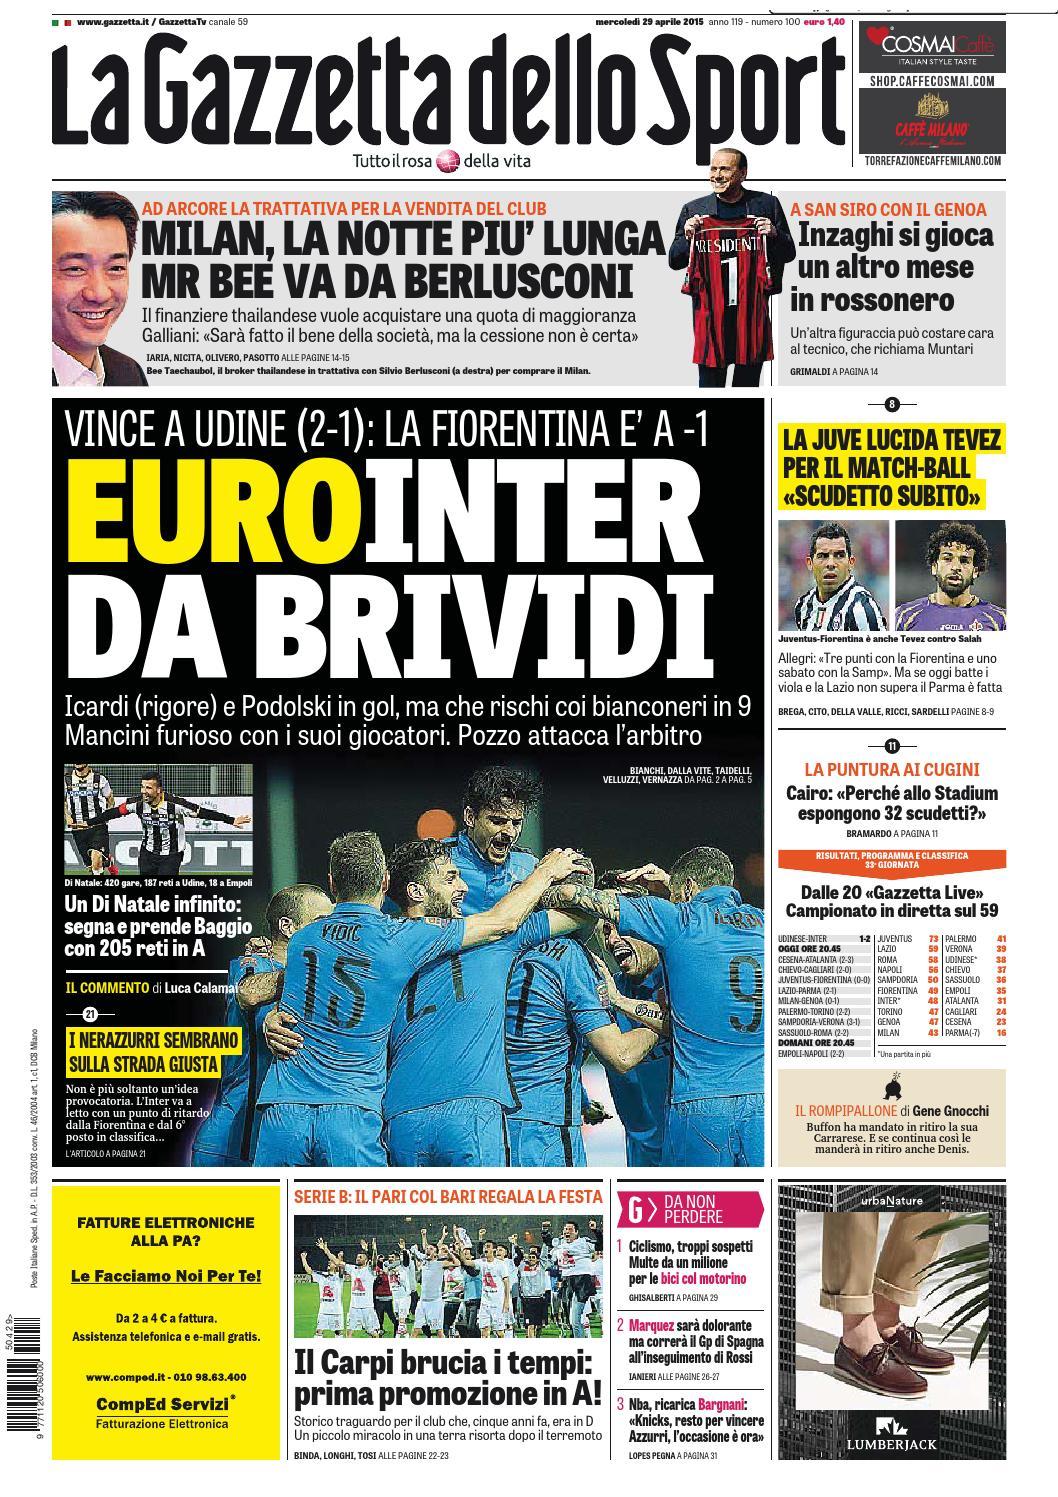 La Gazzetta dello Sport (04 - 29 - 2015) by Nguyen Duc Thinh - issuu 076f6e45fe4a